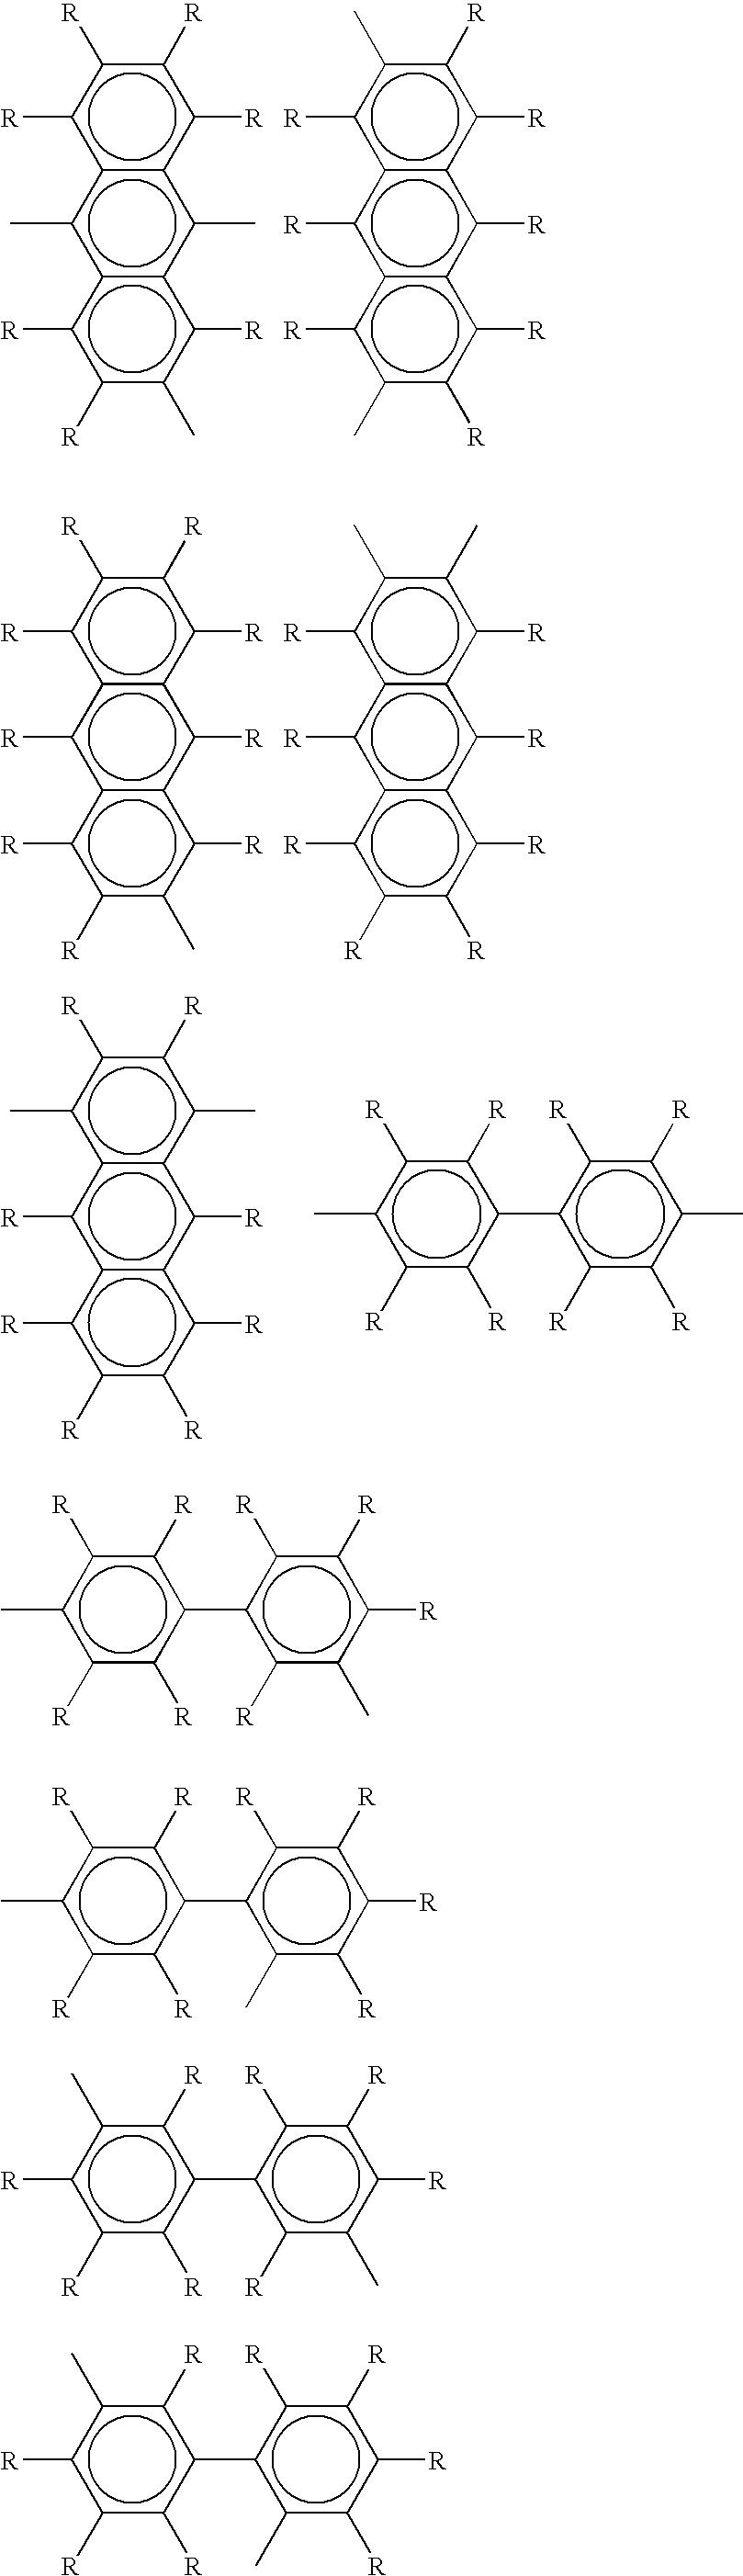 Figure US20070248842A1-20071025-C00005